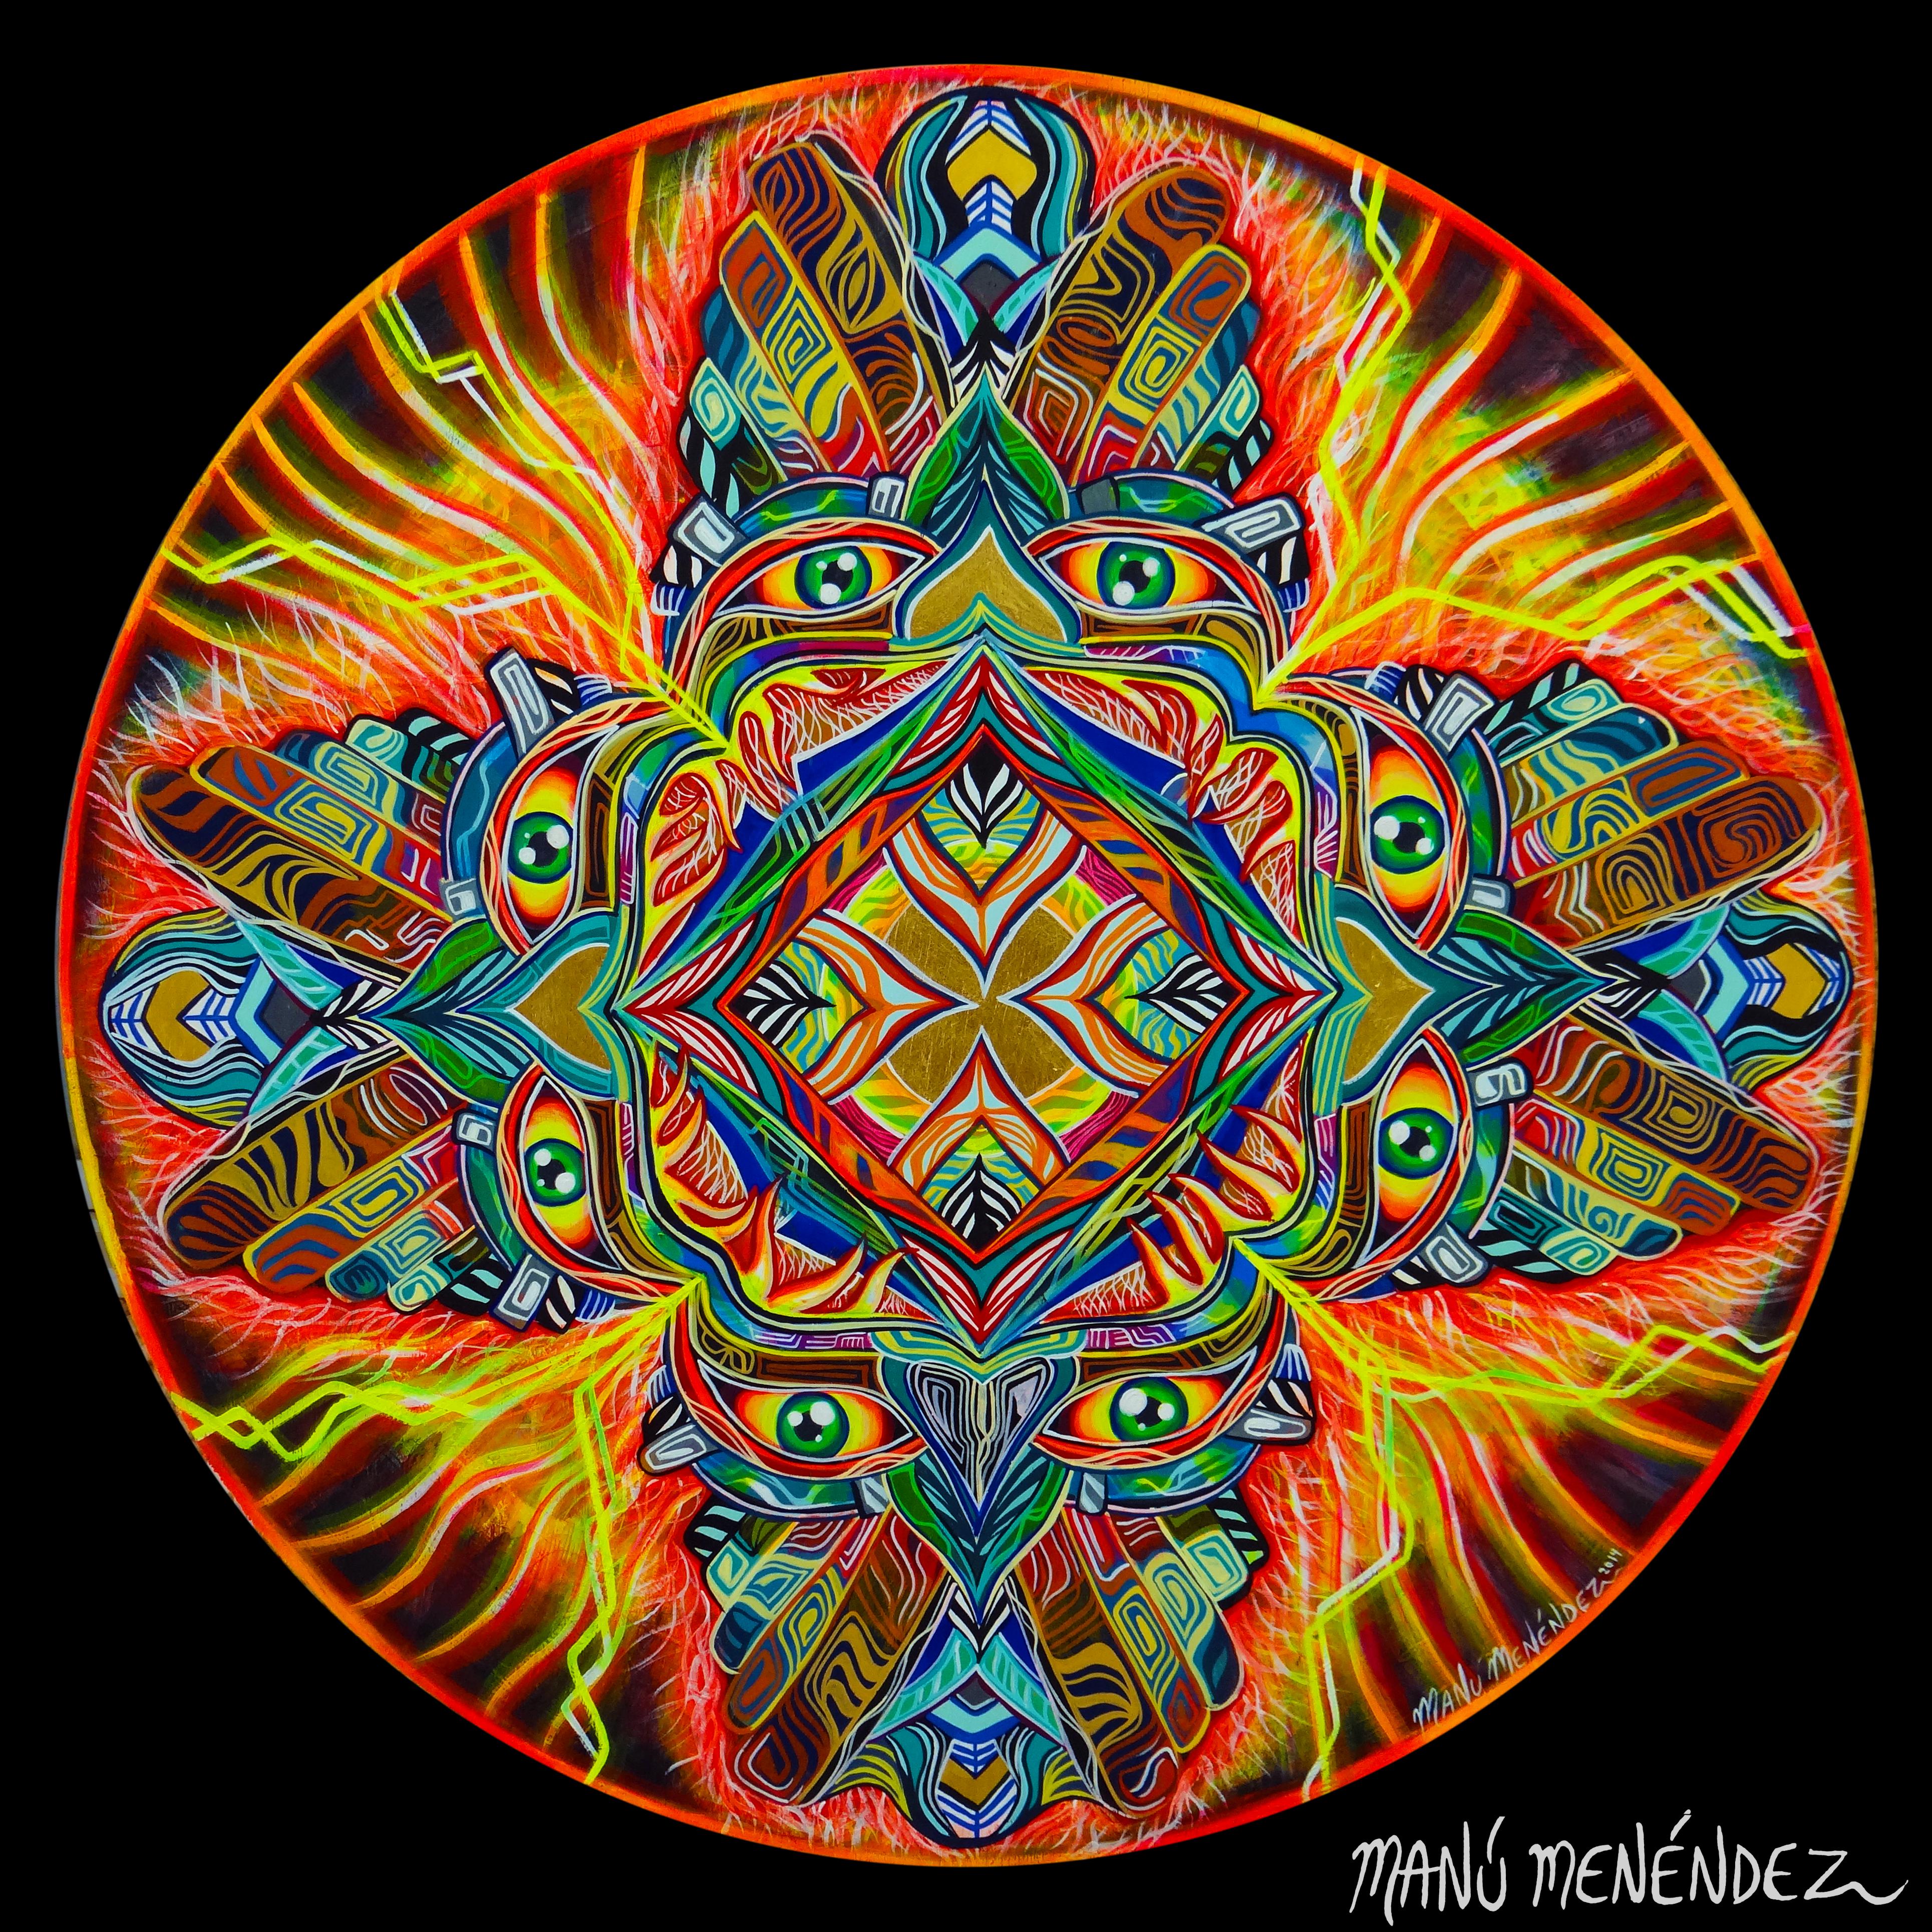 """""""Al tomar consciencia de que el amor incondicional del espíritu creador está dentro de nosotros, nos convertimos en instrumentos-puentes-canales de información por donde la vida y sus bendiciones se expanden con pinceladas, resonancias, estrellas, danzas, latidos, miradas, galaxias, imágenes, abrazos … Son los encuentros santos y las experiencias maestras donde la creación y lo creado se tornan uno. Todo cuanto sucede en los ojos del que ha despertado a la vida es Sagrado."""" -M.M.-"""